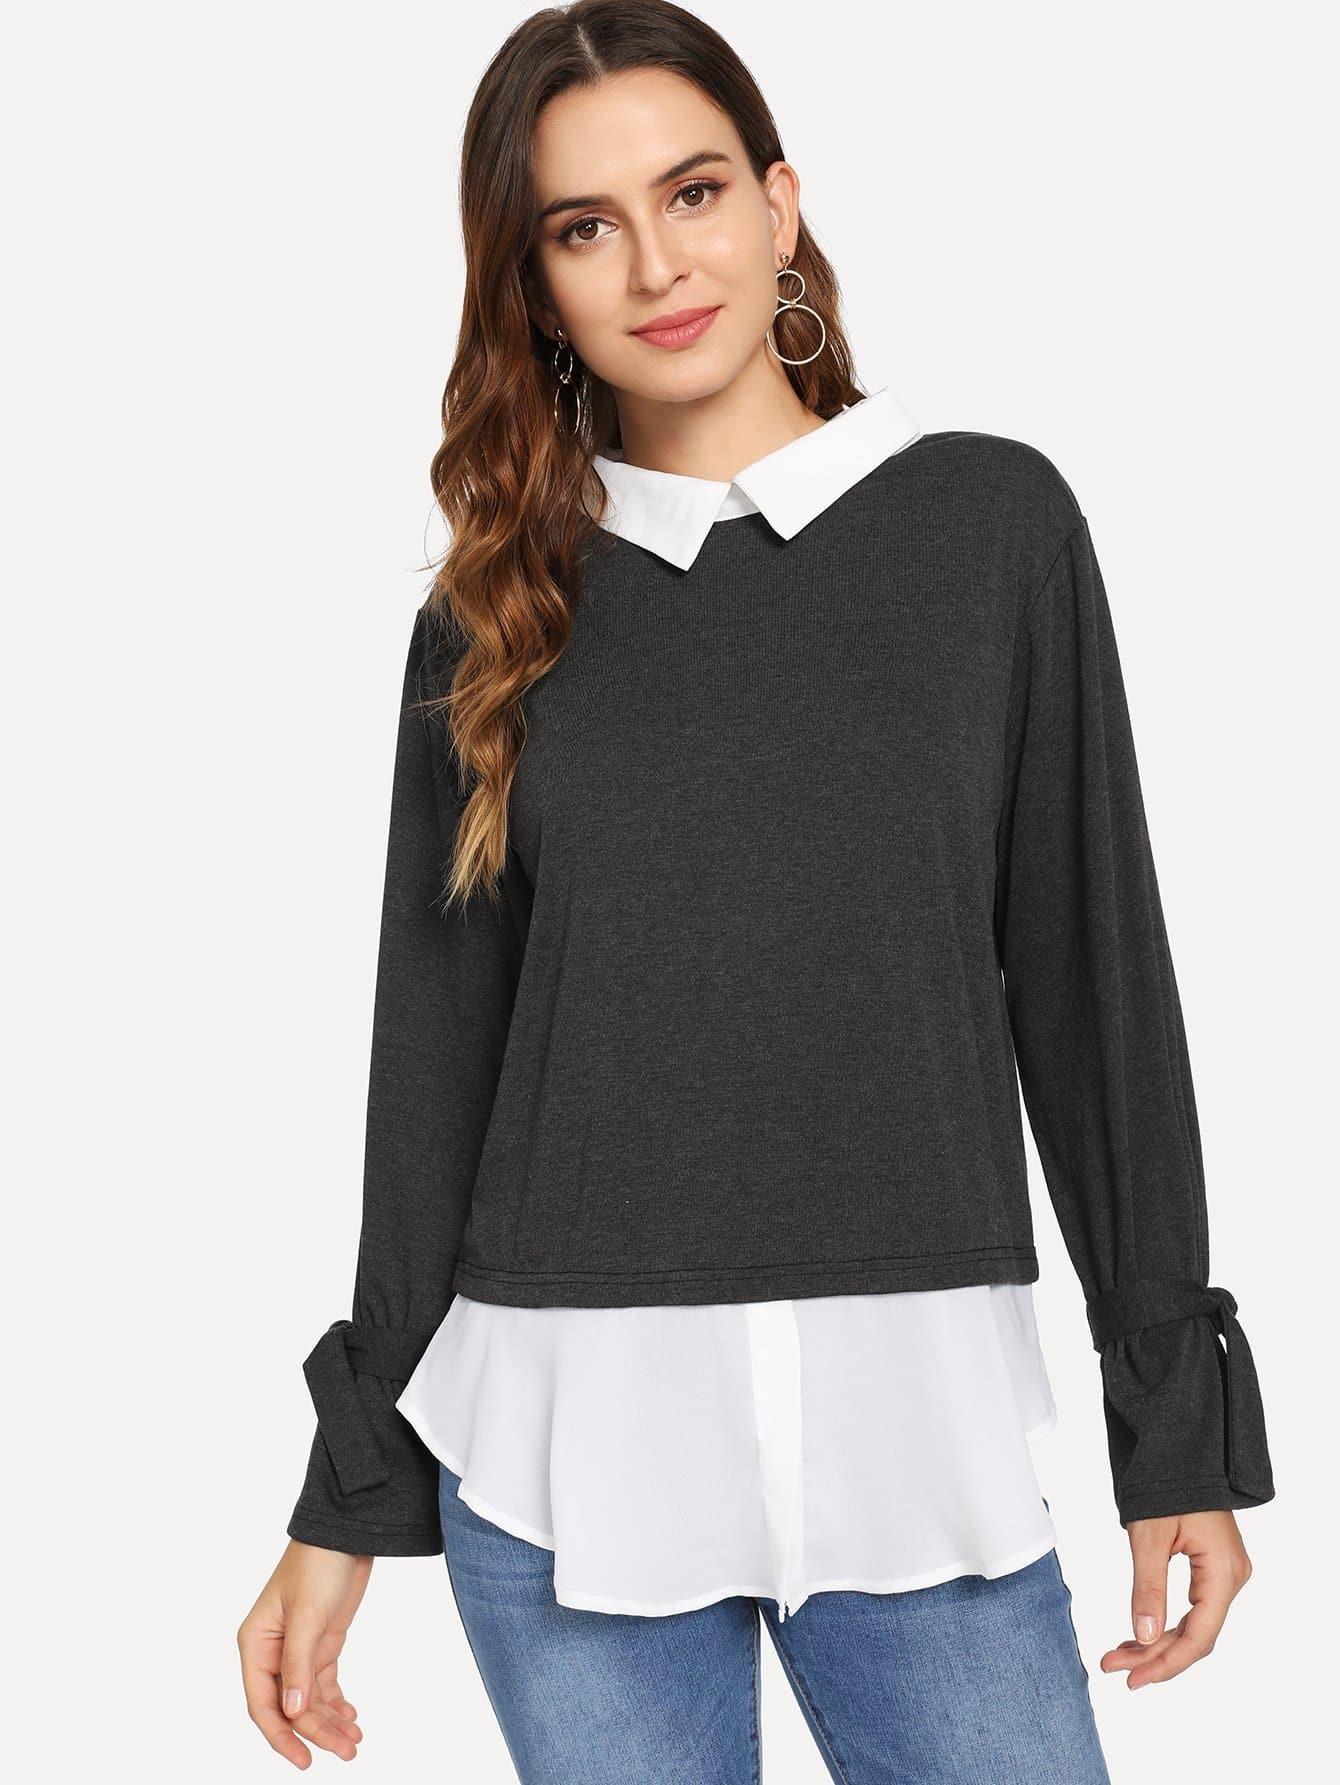 Туника пуловер с узлом, Jana, SheIn  - купить со скидкой